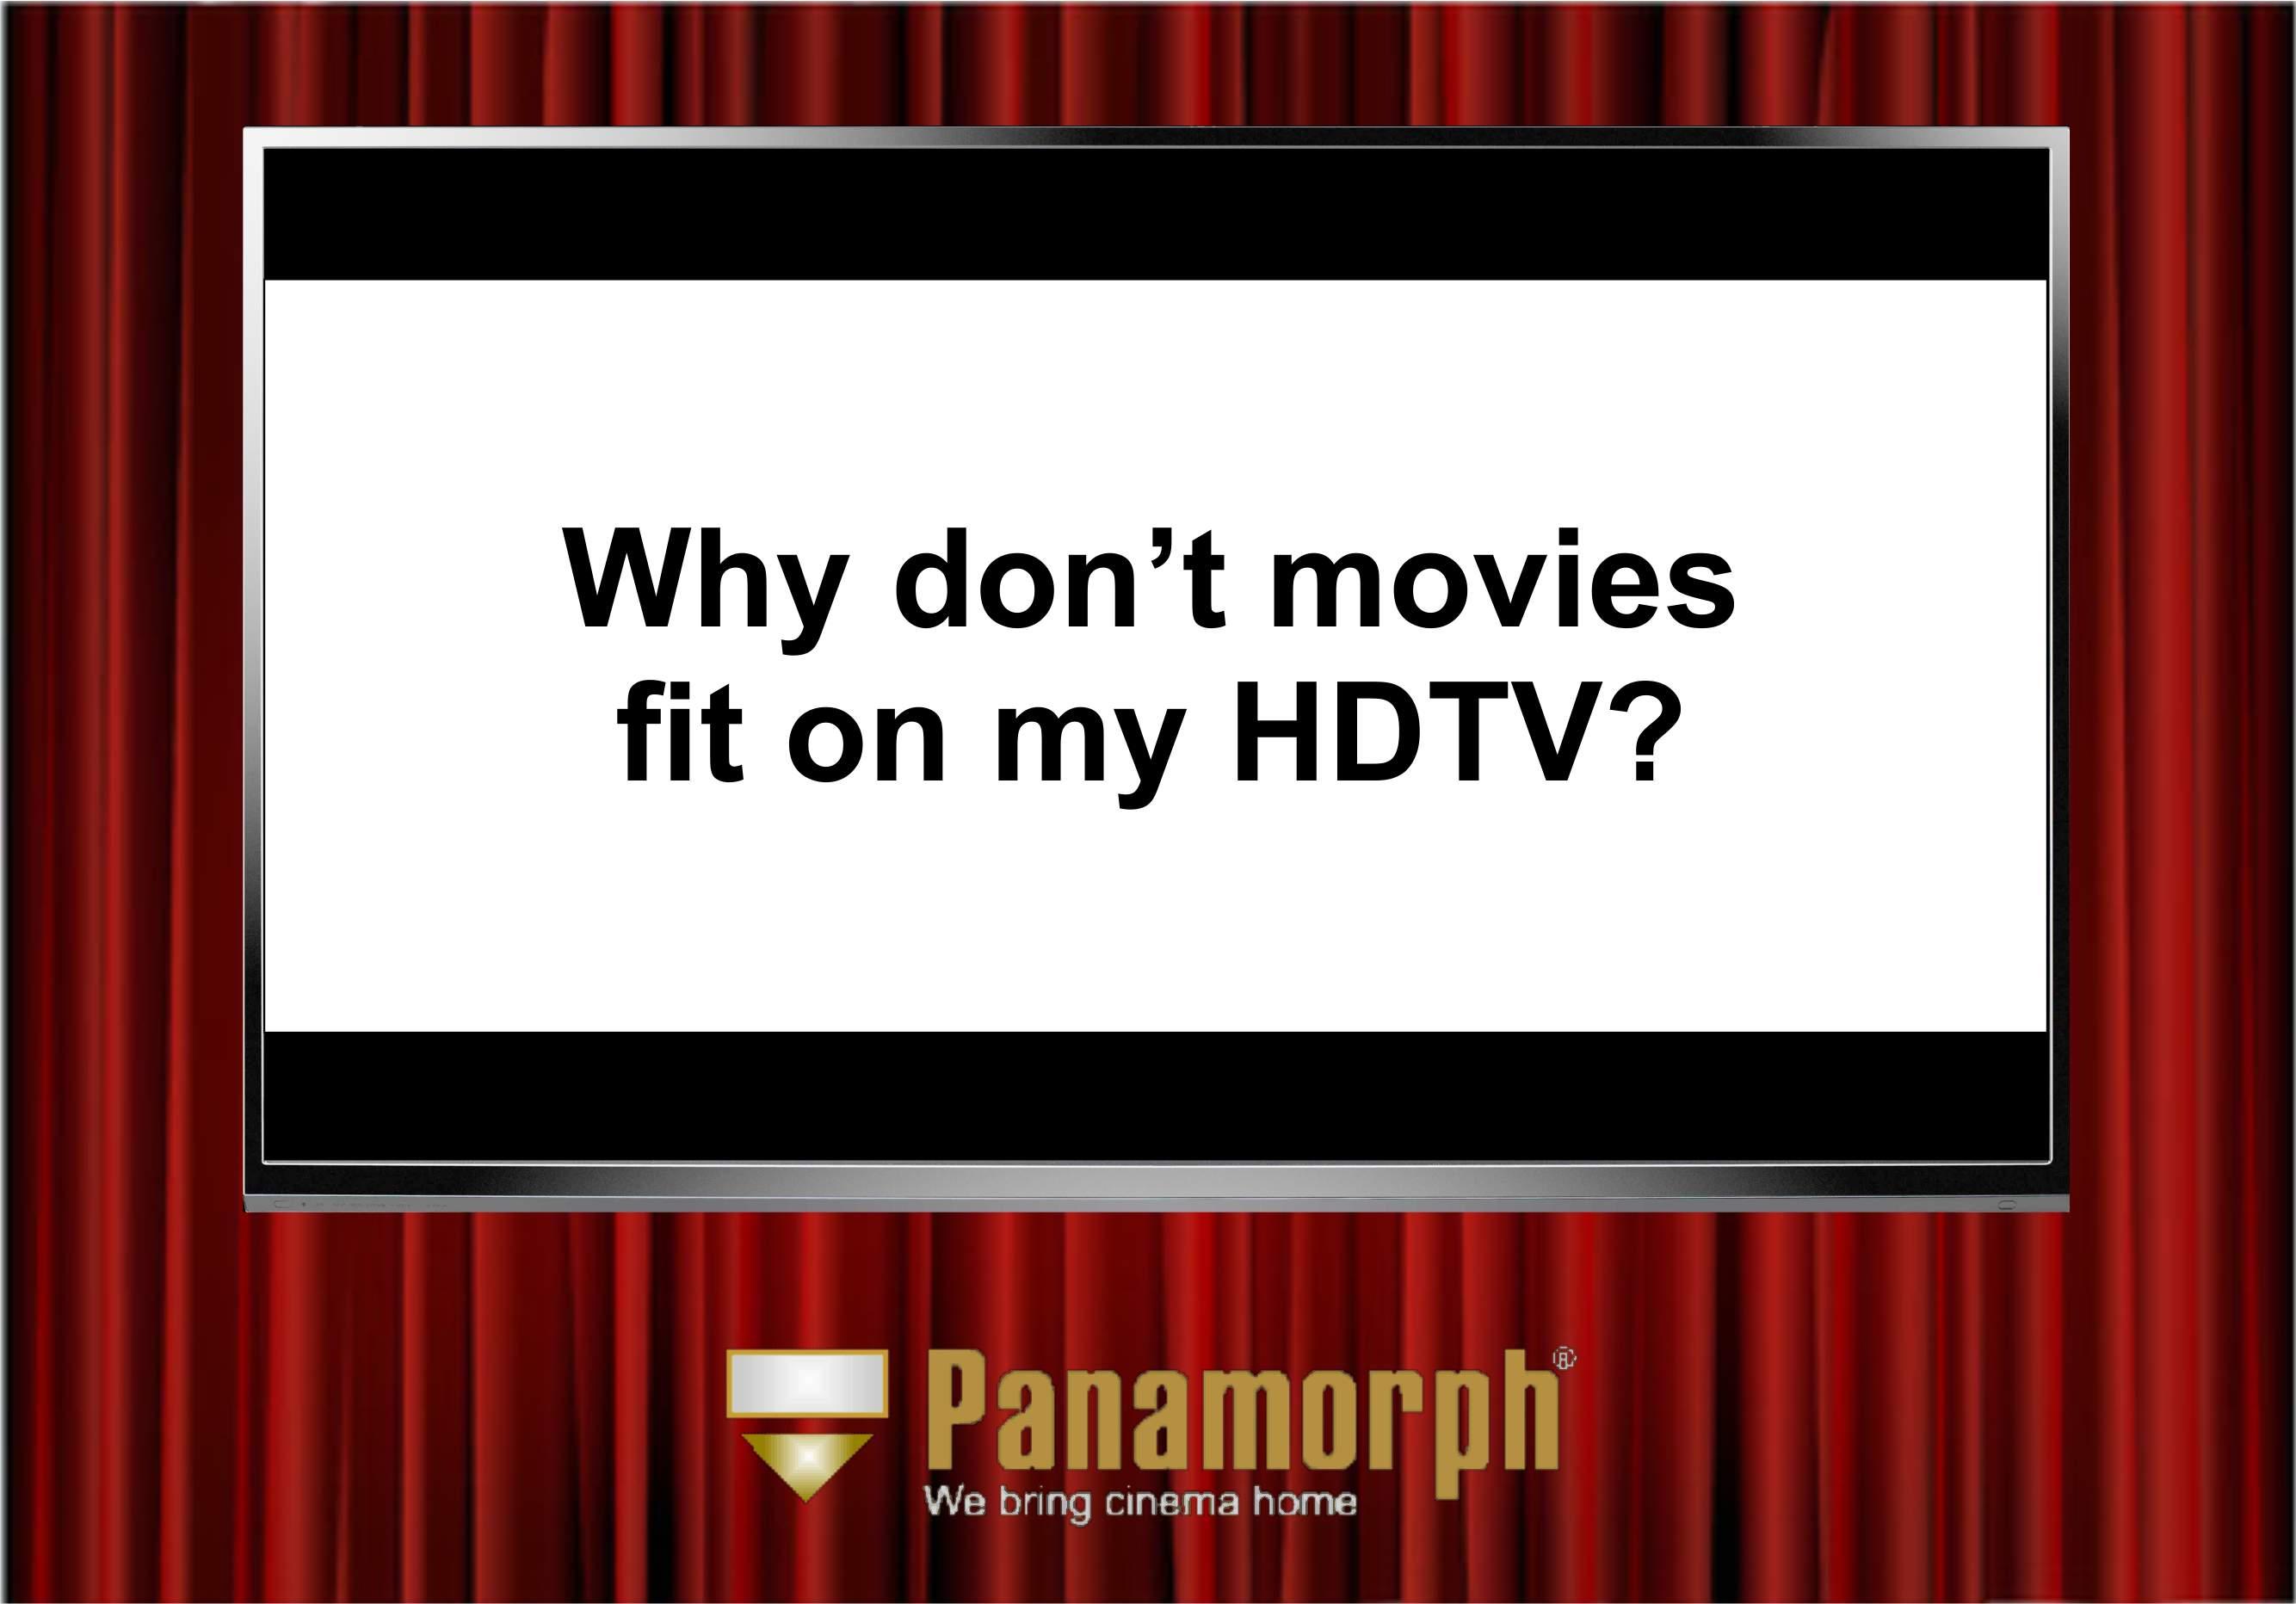 MoviesDontFit1